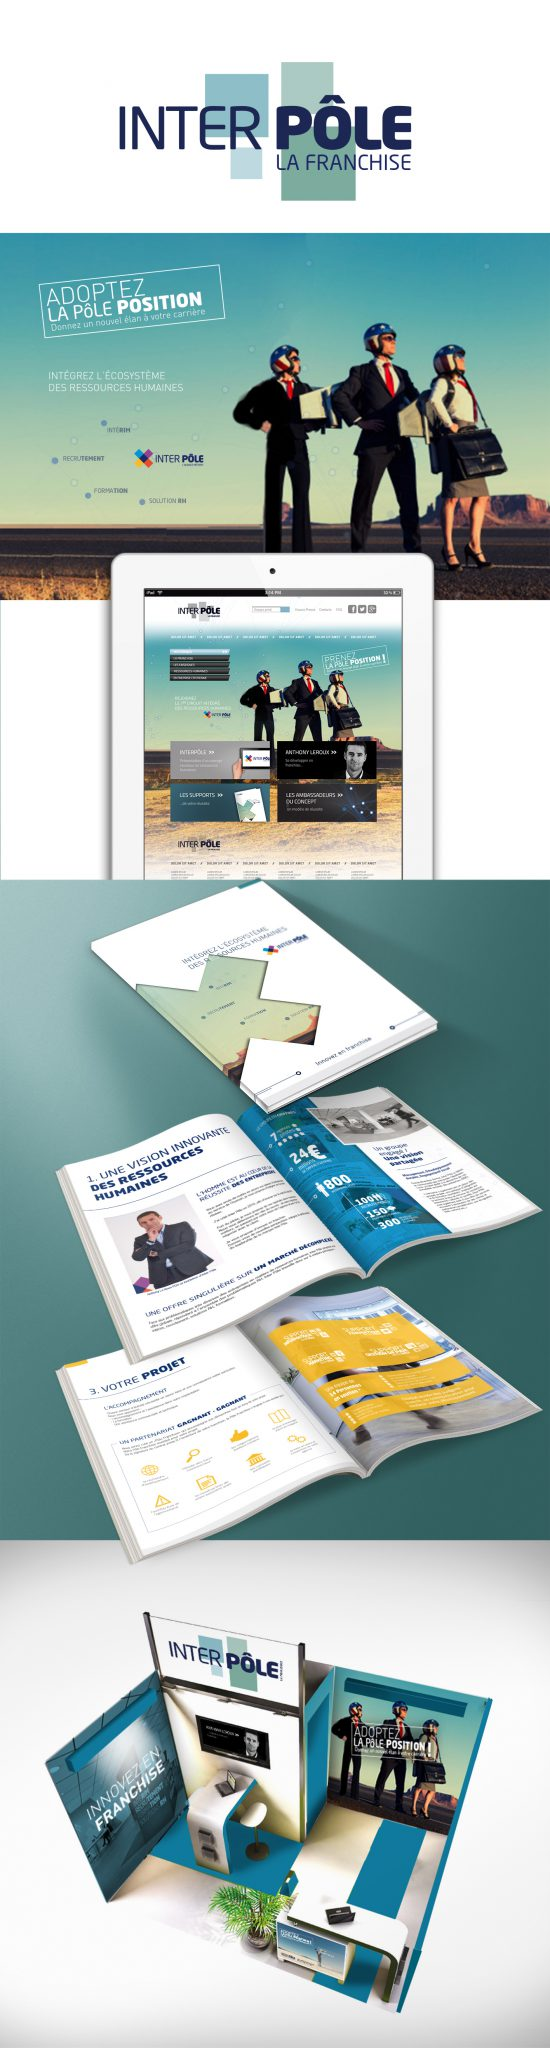 Interpôle-brochure-communication-logo-identité-visuelle